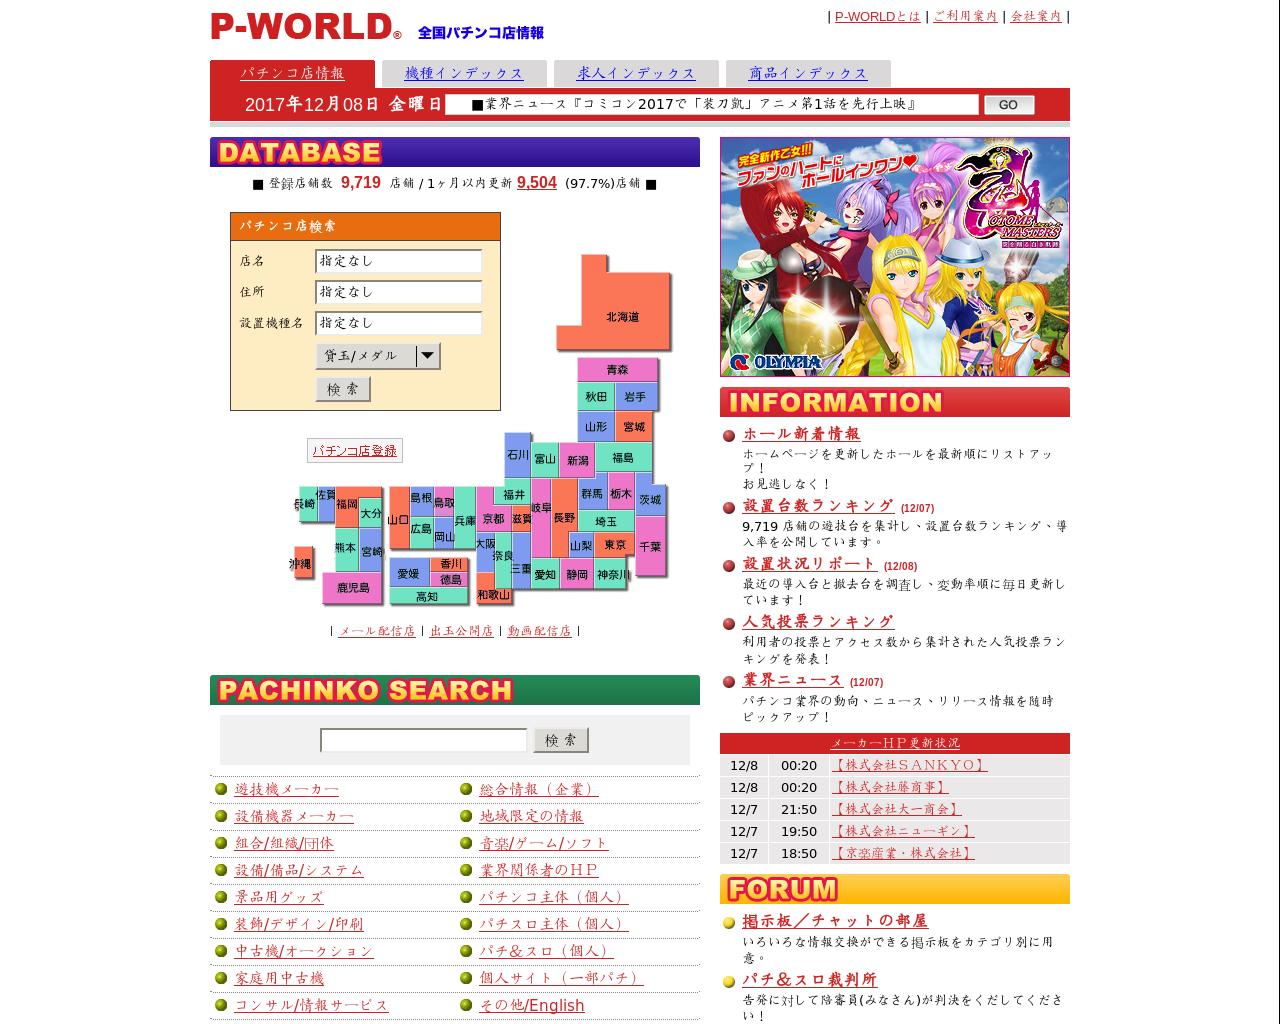 www.p-world.co.jp(2017/12/02 05:21:22)